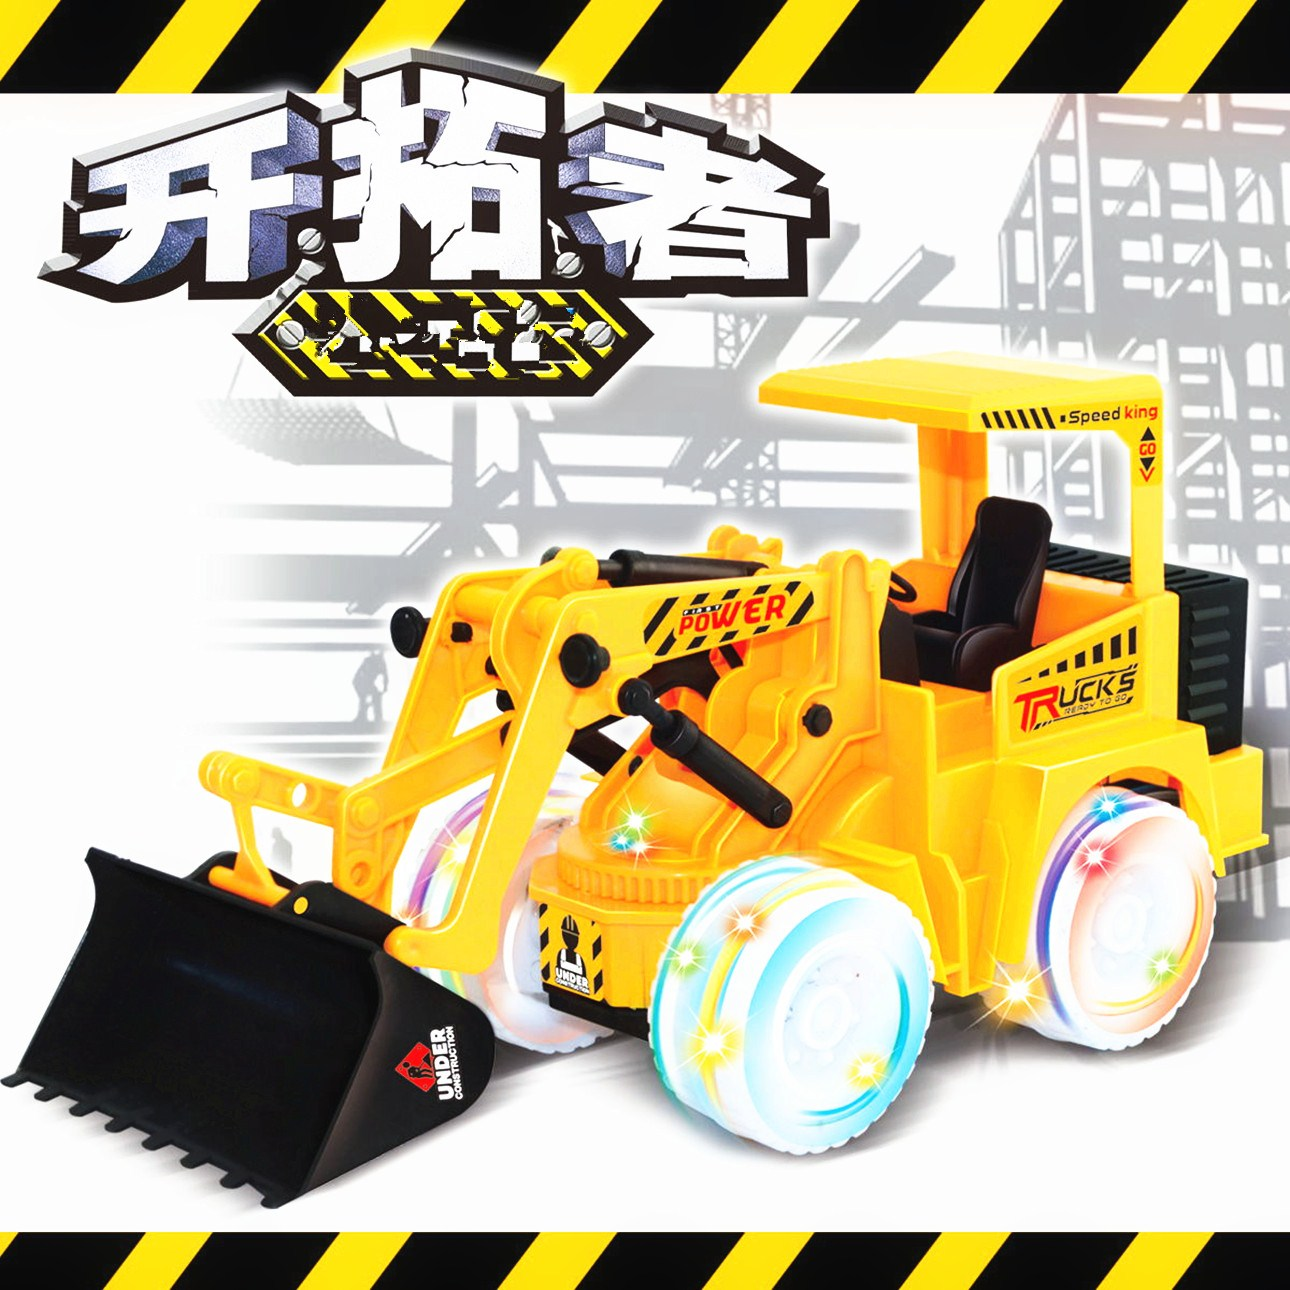 туба инженерных автомобилей новый пульт экскаватор выкопал детей электрический погрузчик экскаватор экскаватор игрушечная машина